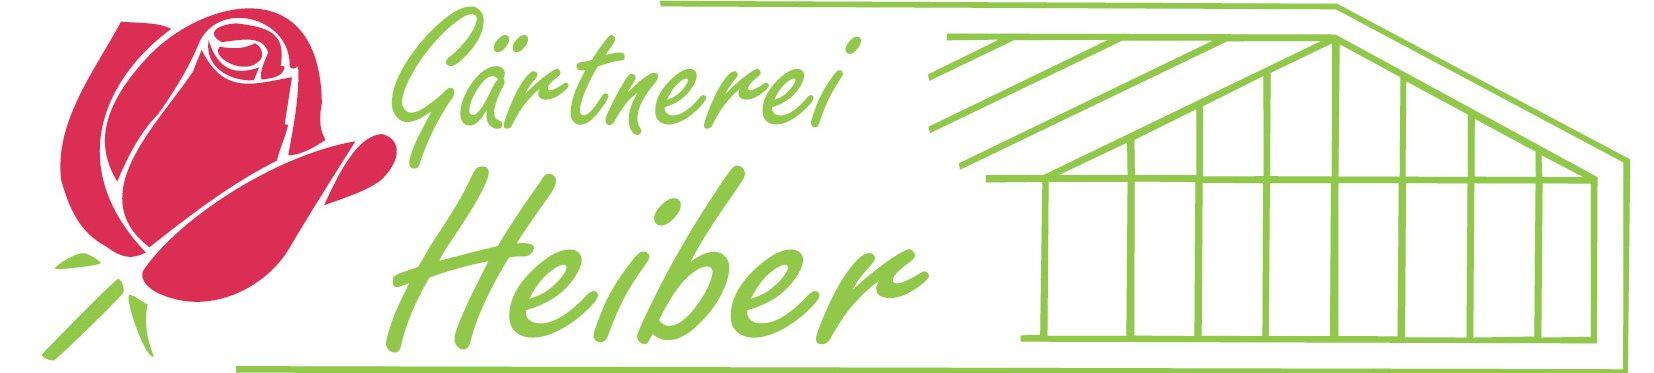 Gärtnerei Heiber